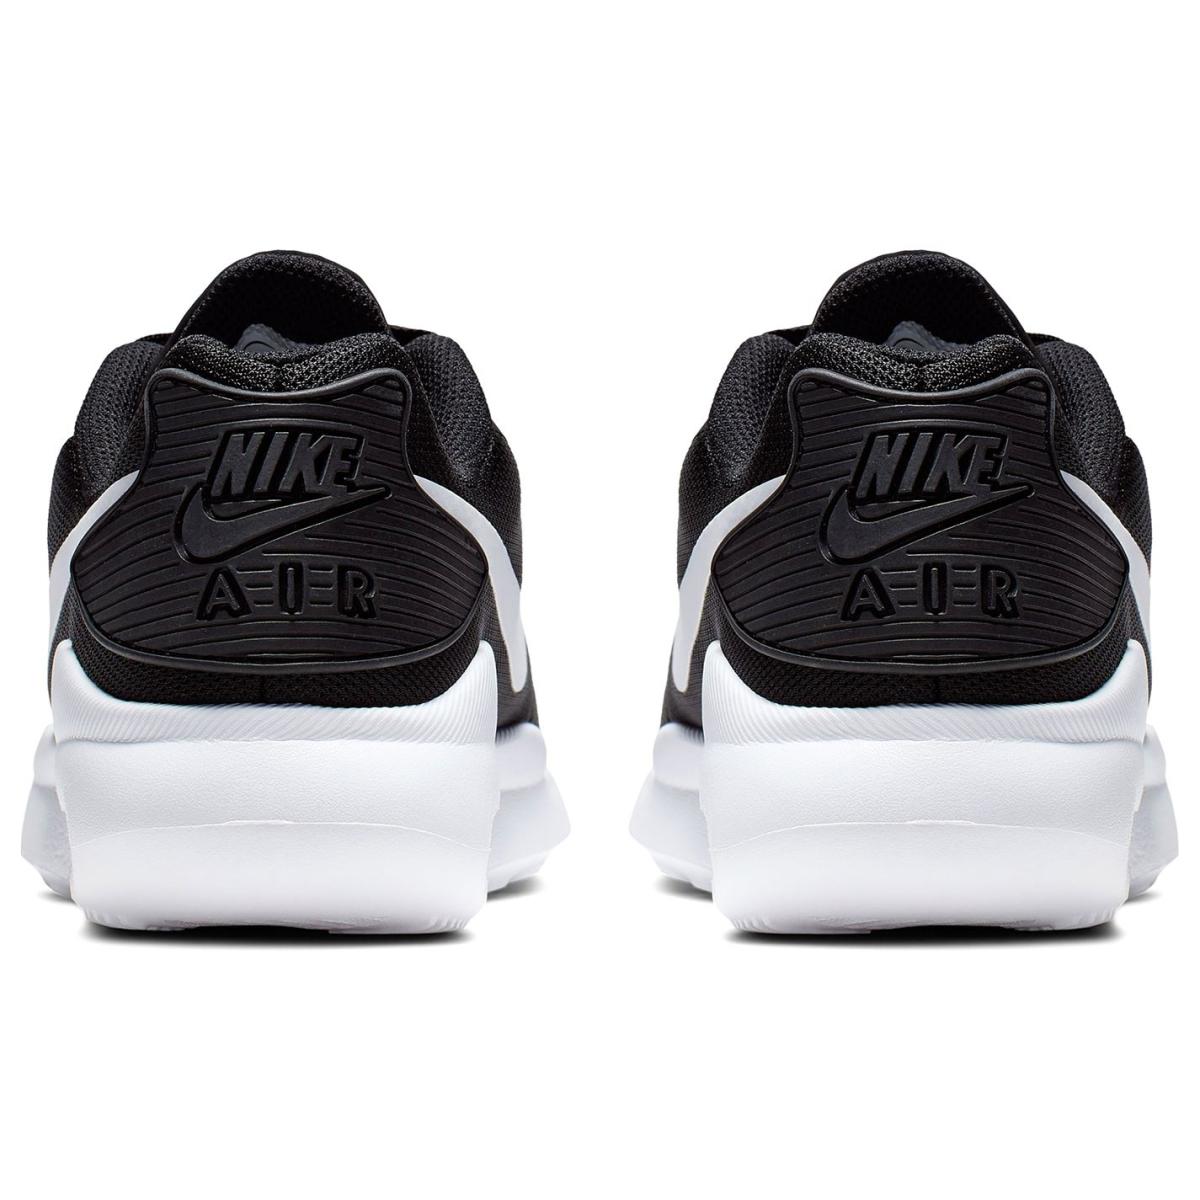 Nike-Air-Max-Oketo-Turnschuhe-Laufschuhe-Damen-Sportschuhe-Sneaker-4034 Indexbild 5